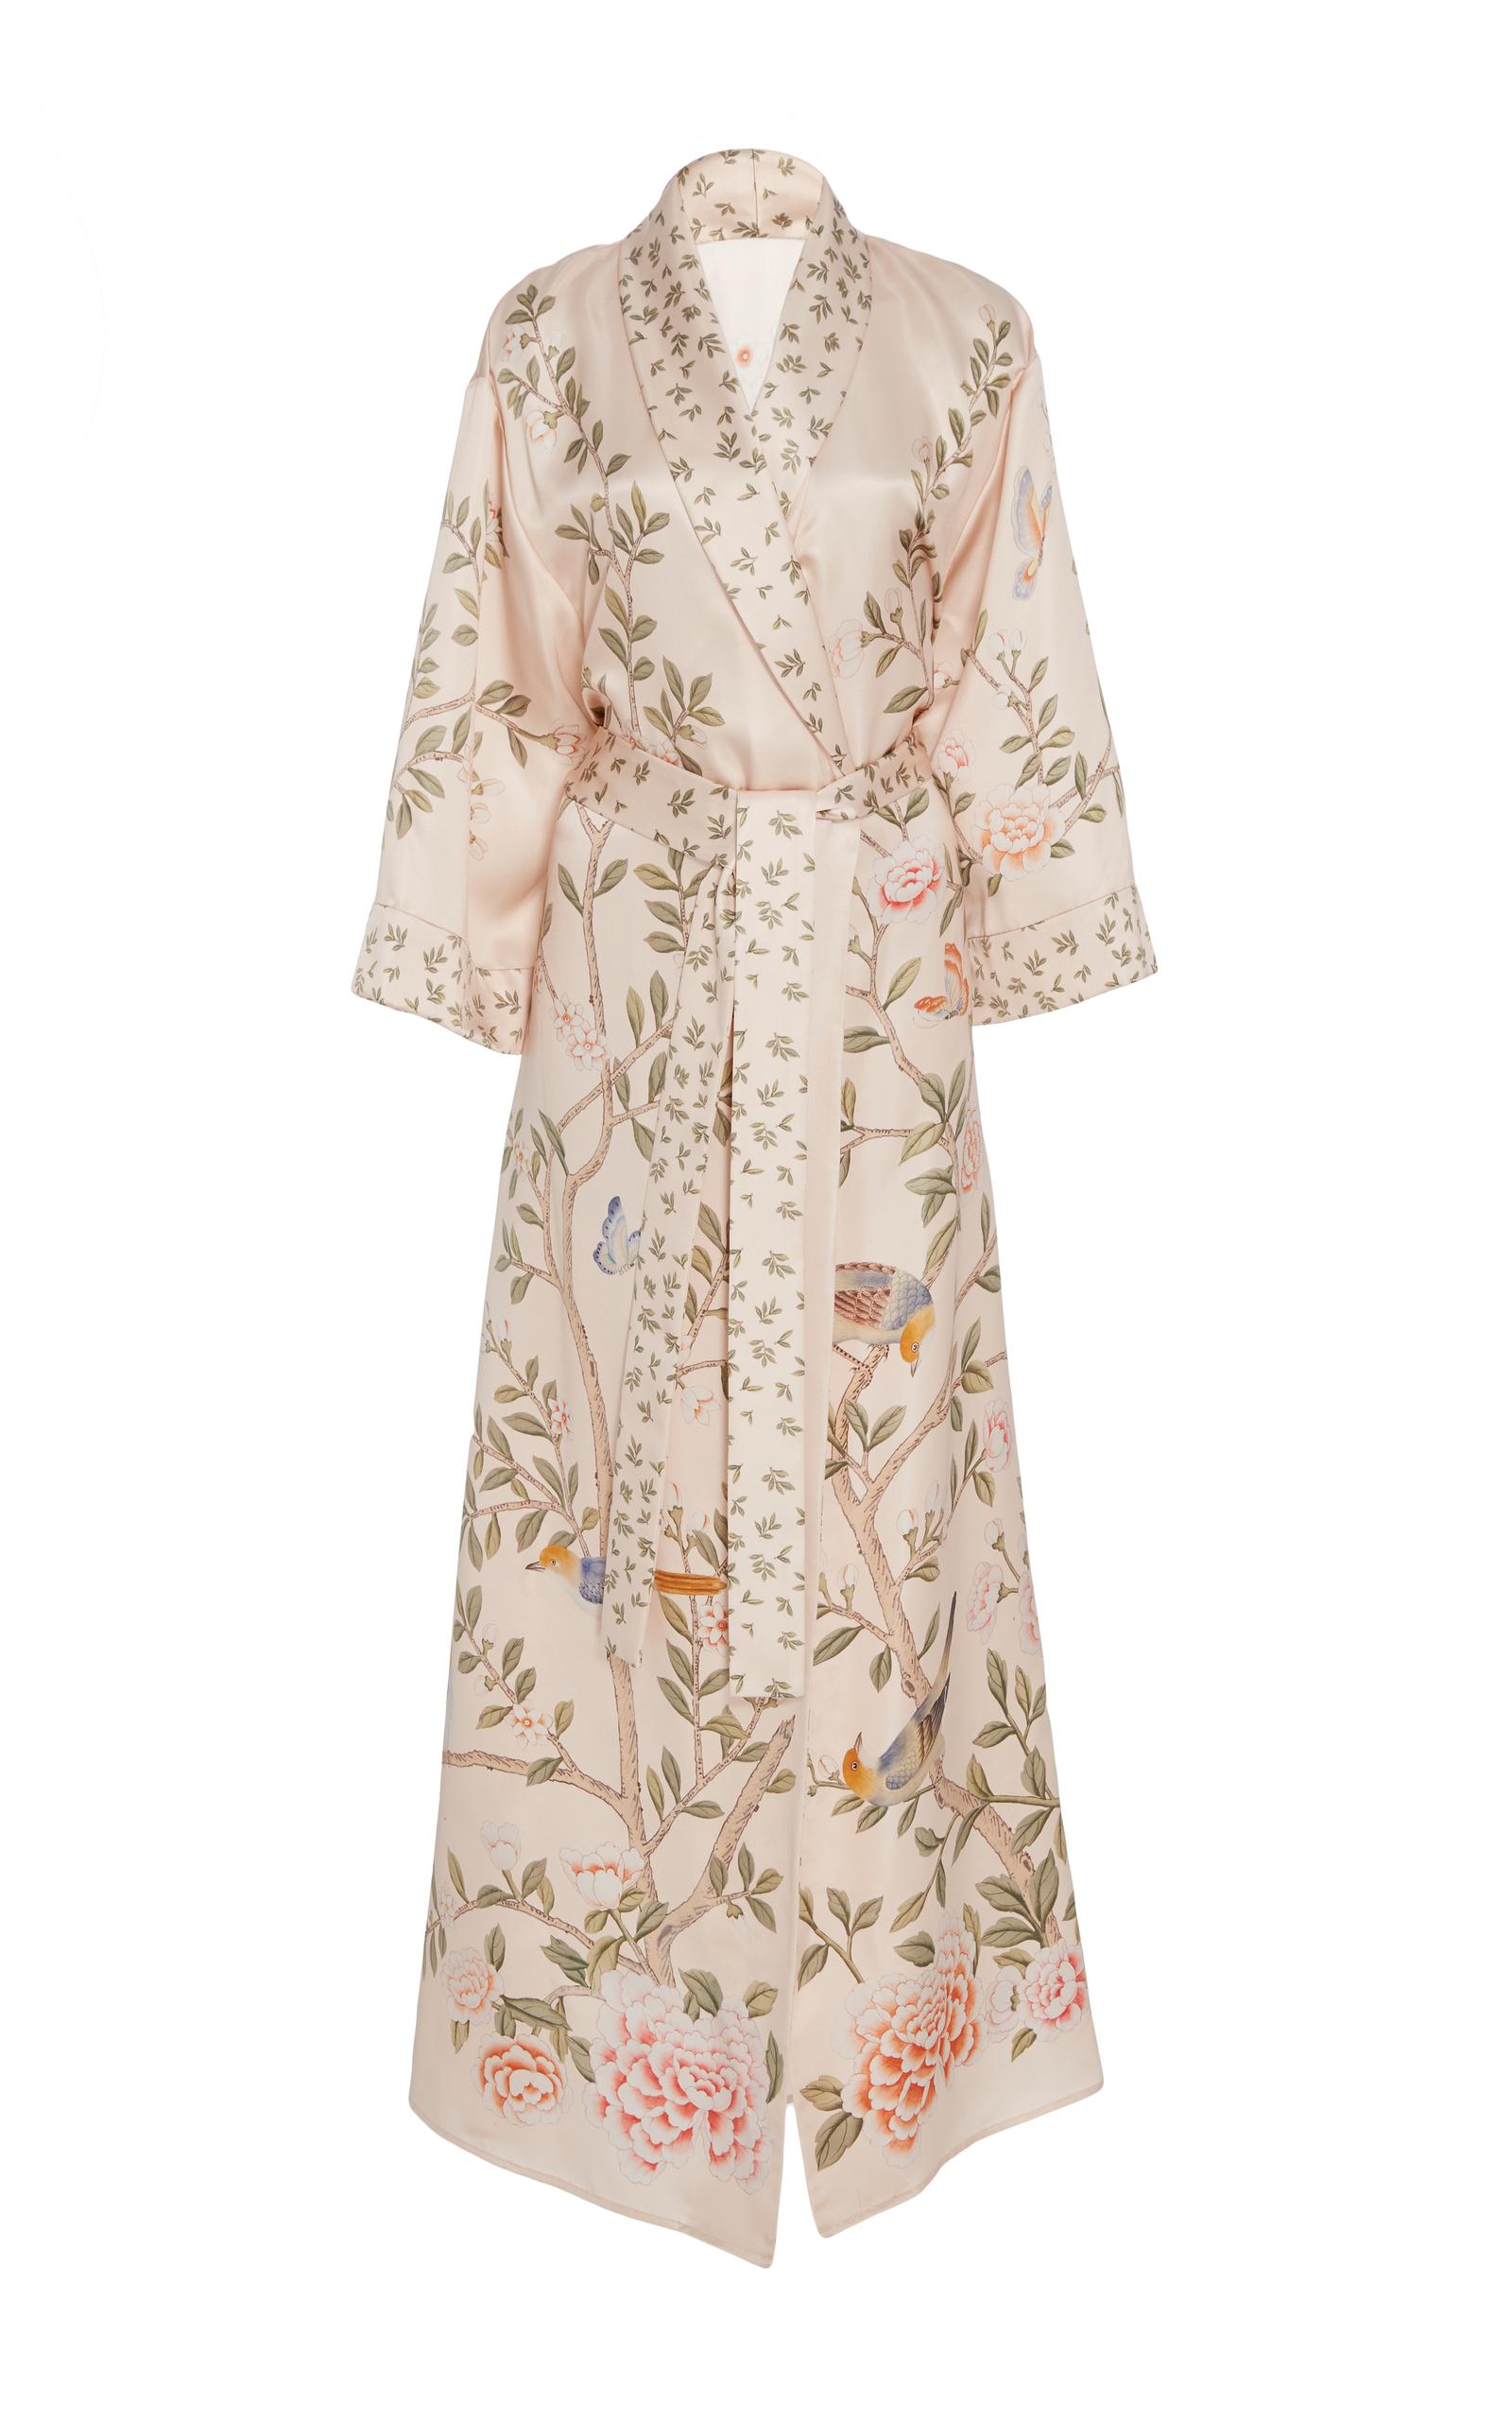 Printed Silk Robe by Moda Operandi x De Gournay | Moda Operandi